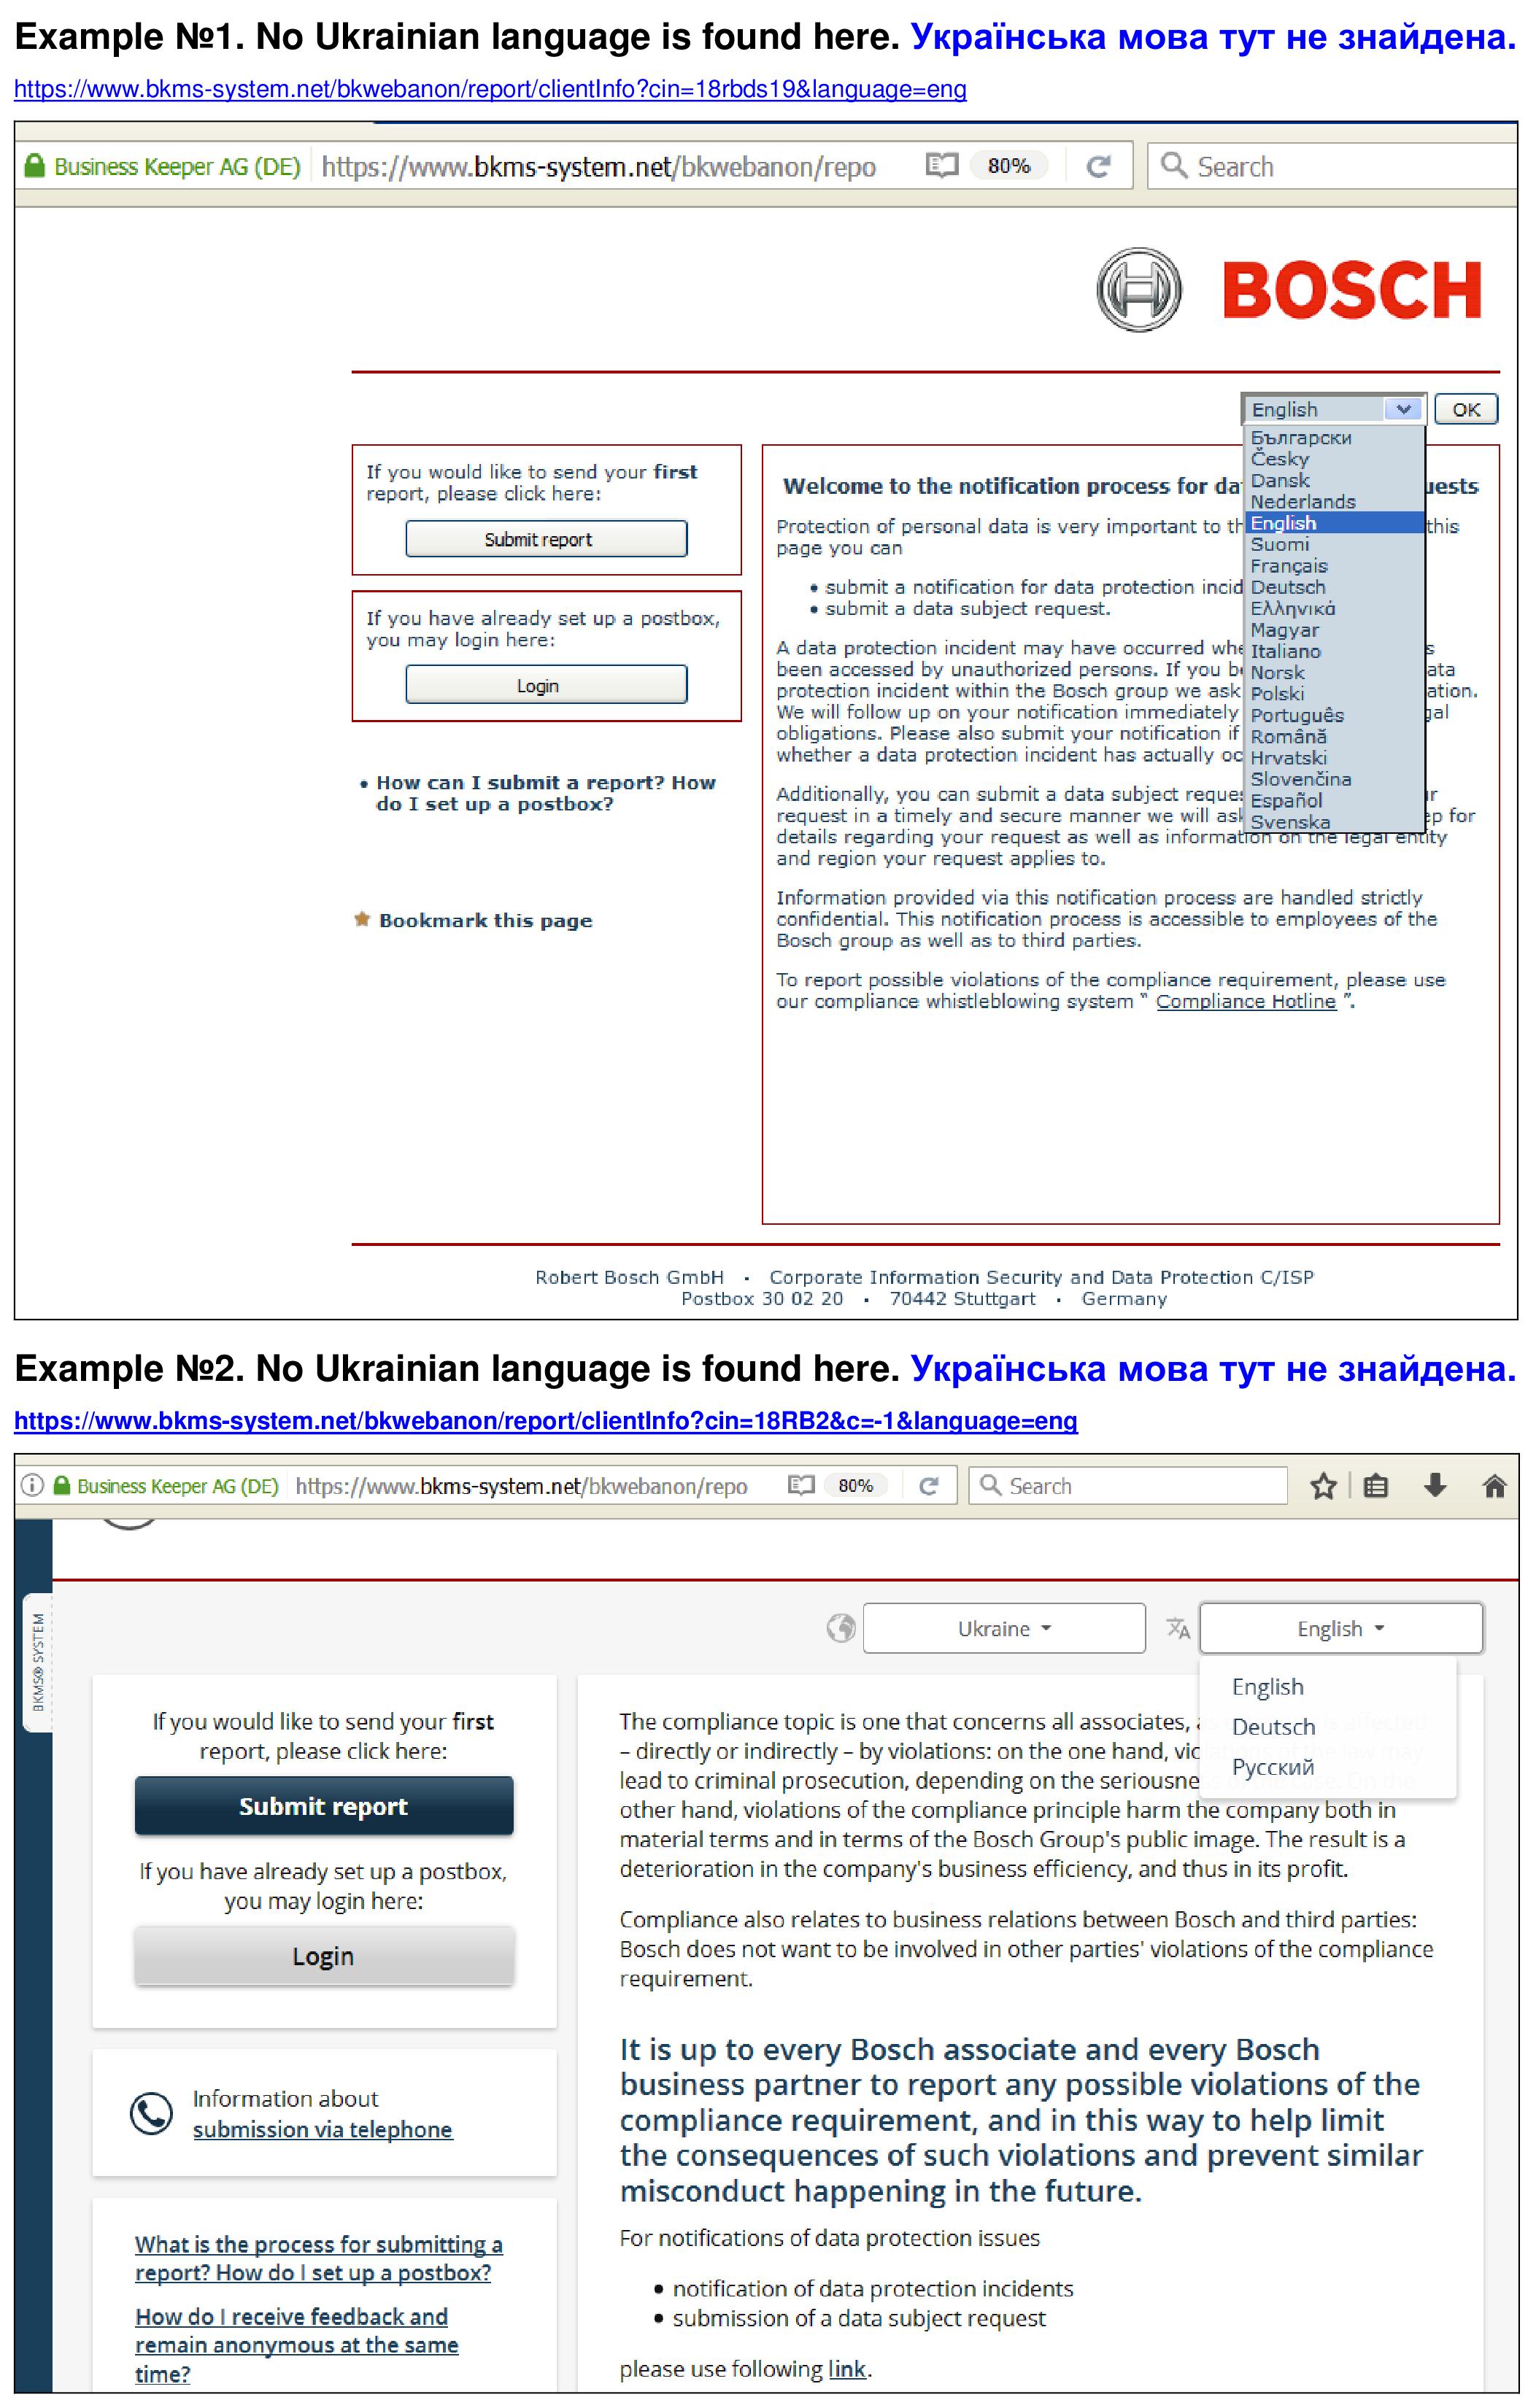 Bosch-1 - Letter-from-«Blyskavka-Media»-to-Robert-Bosch-2